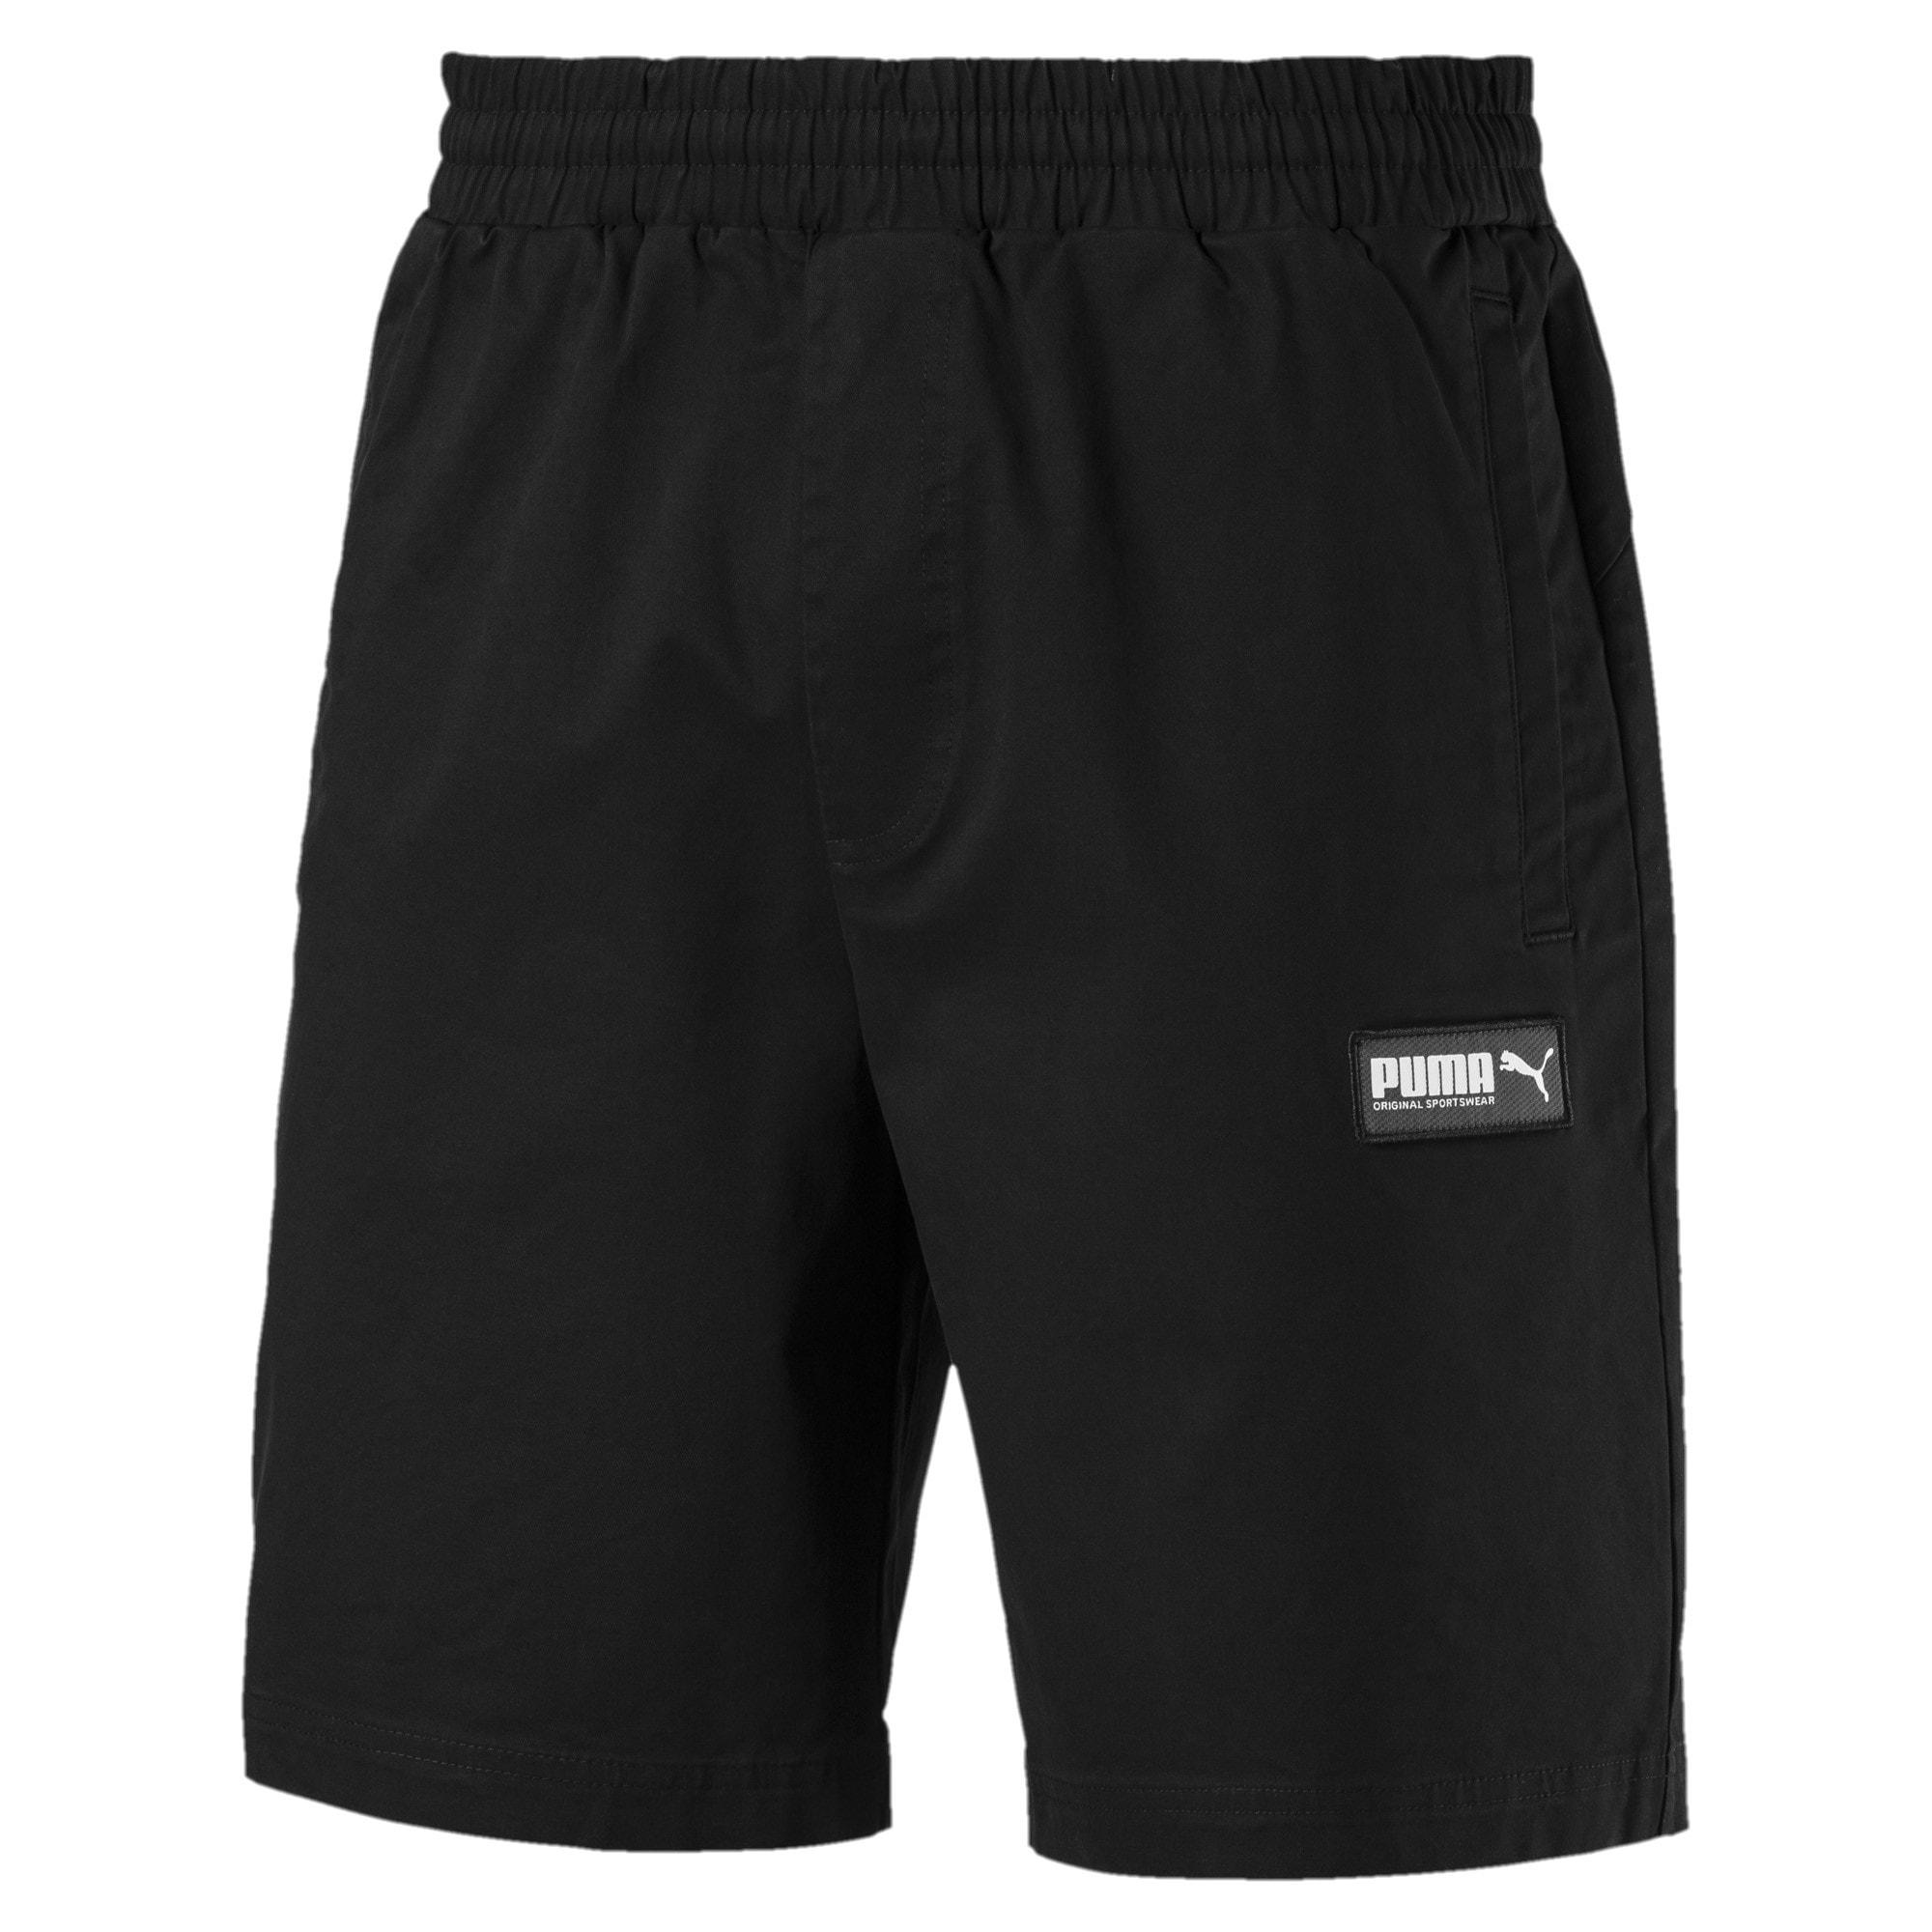 Miniatura 4 de Shorts Fusion para hombre, Puma Black, mediano